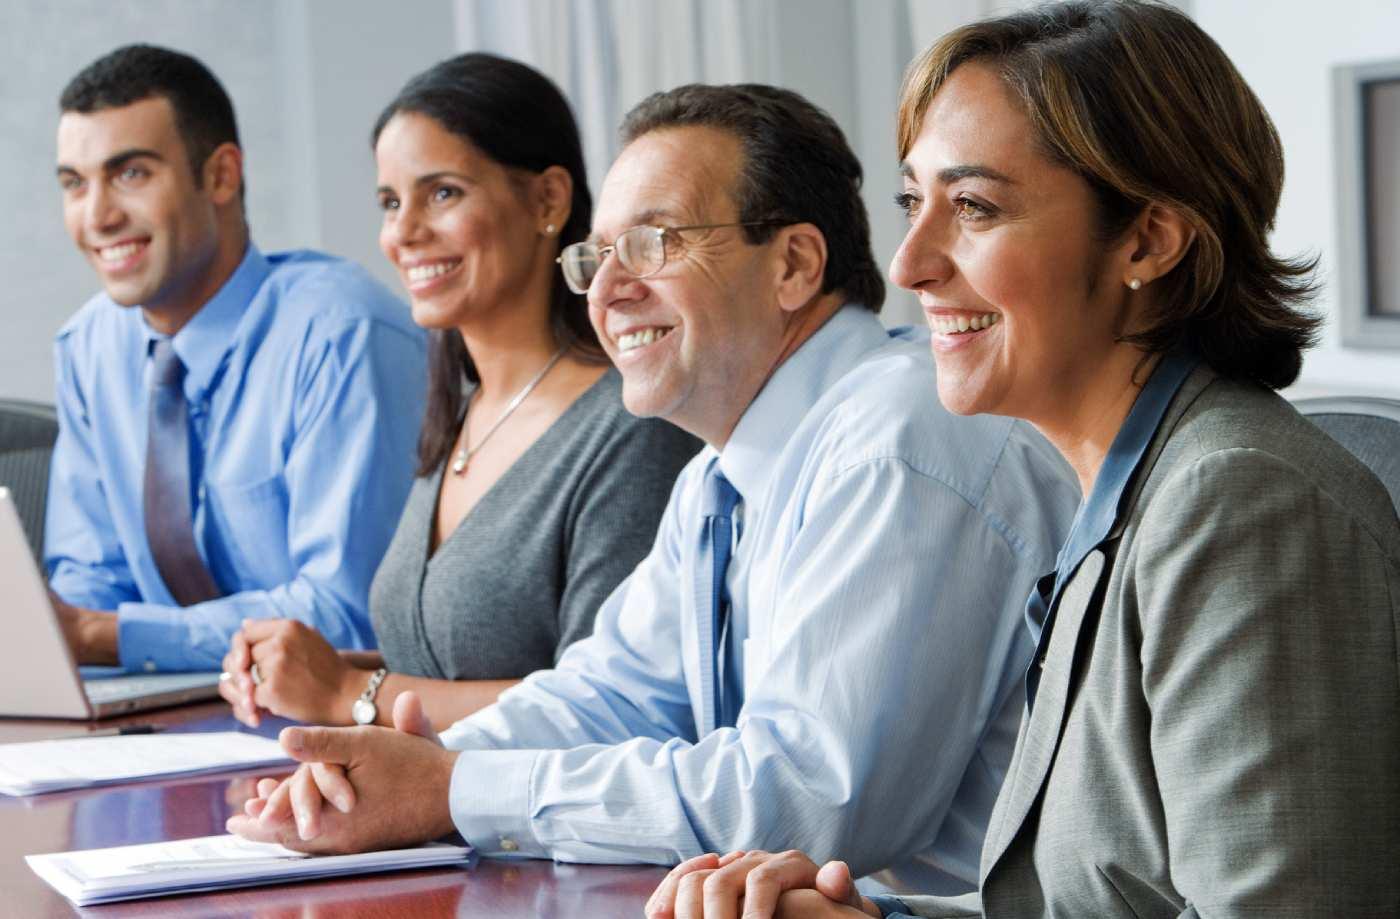 work meeting attendees